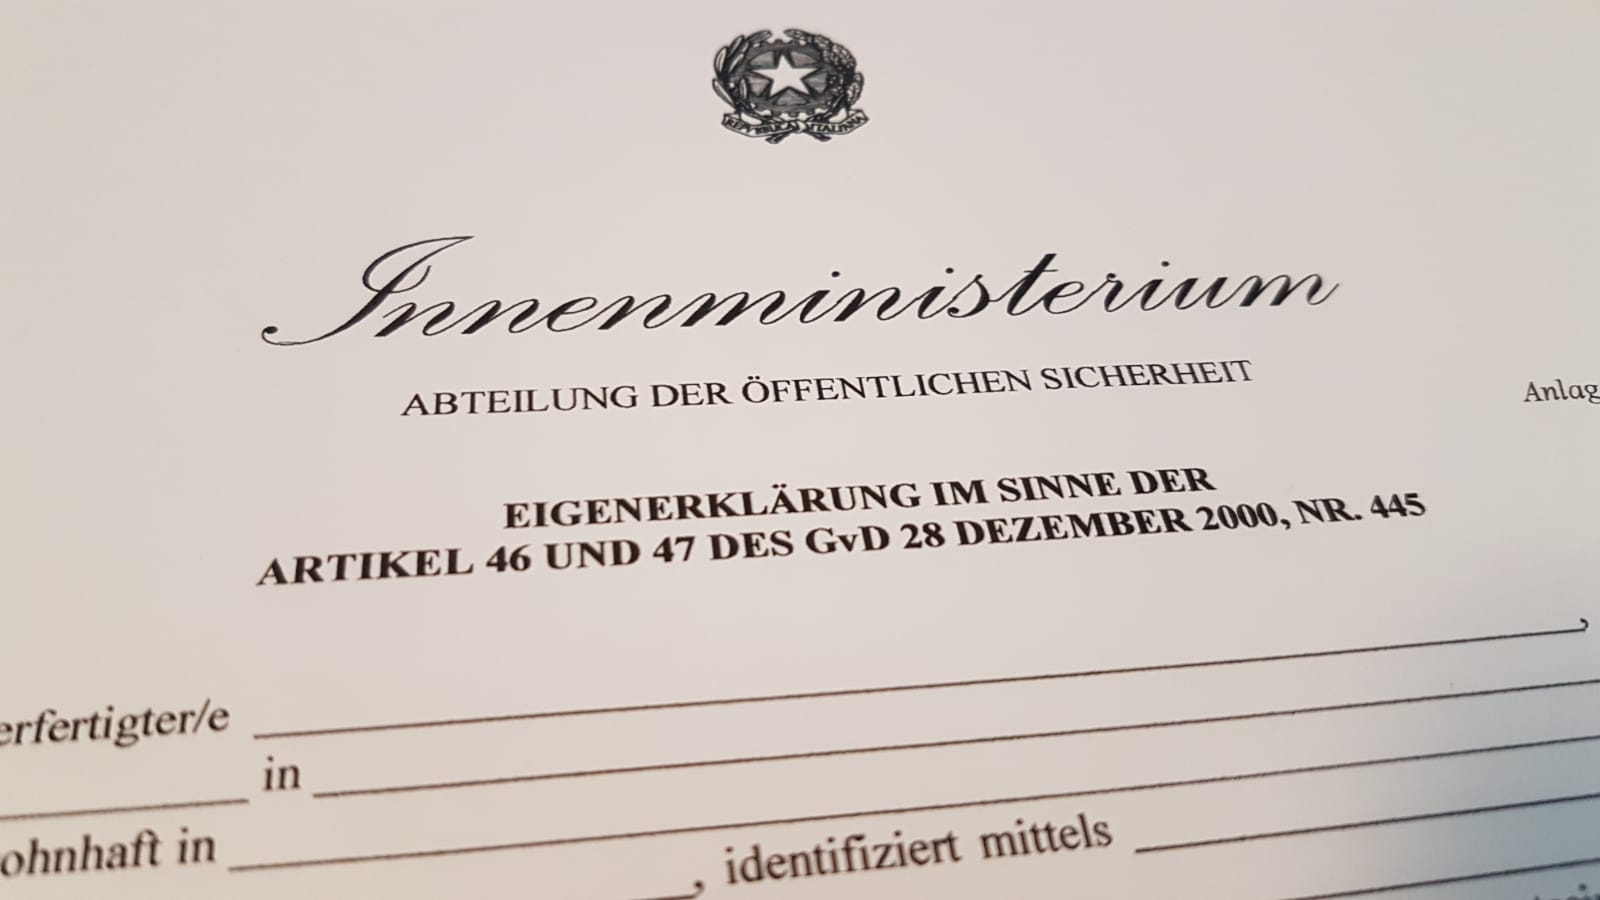 Die Eigenerklarung Ist Zuruck Unsertirol24 14